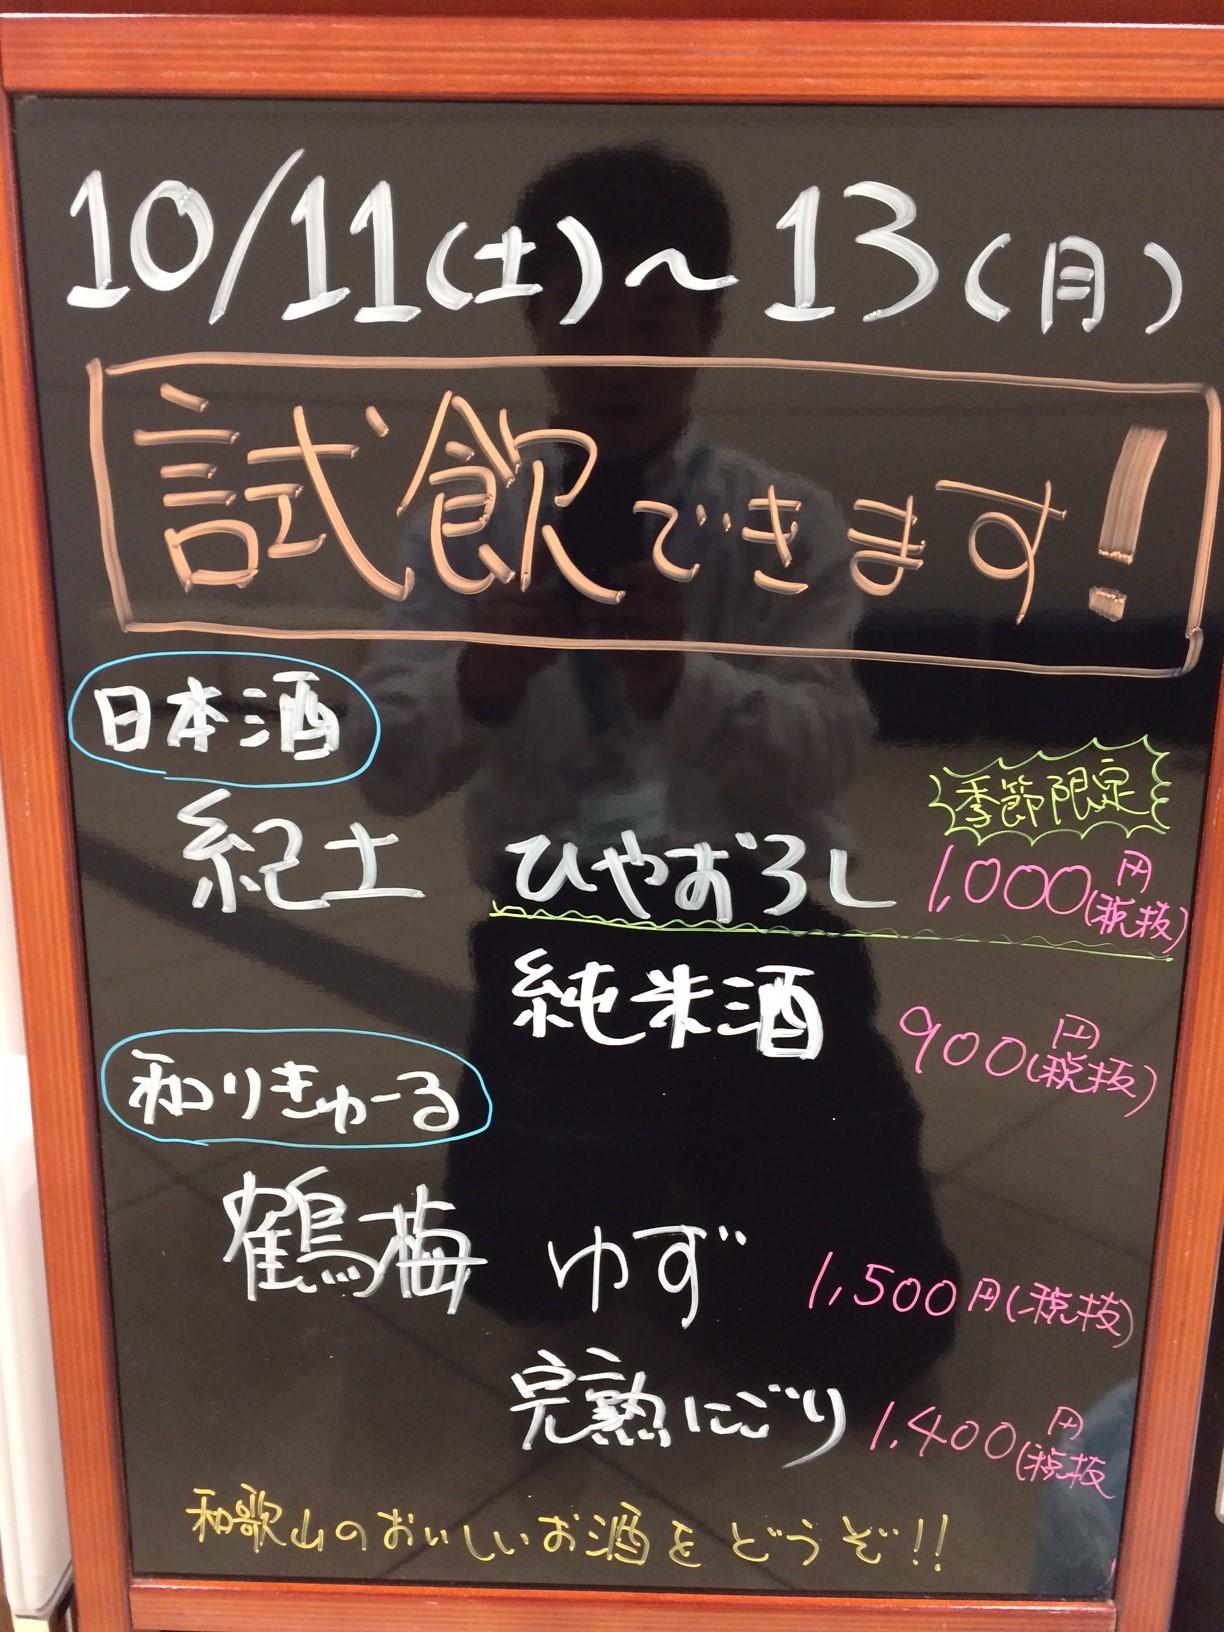 和歌山を味わって!_f0330930_10142971.jpg